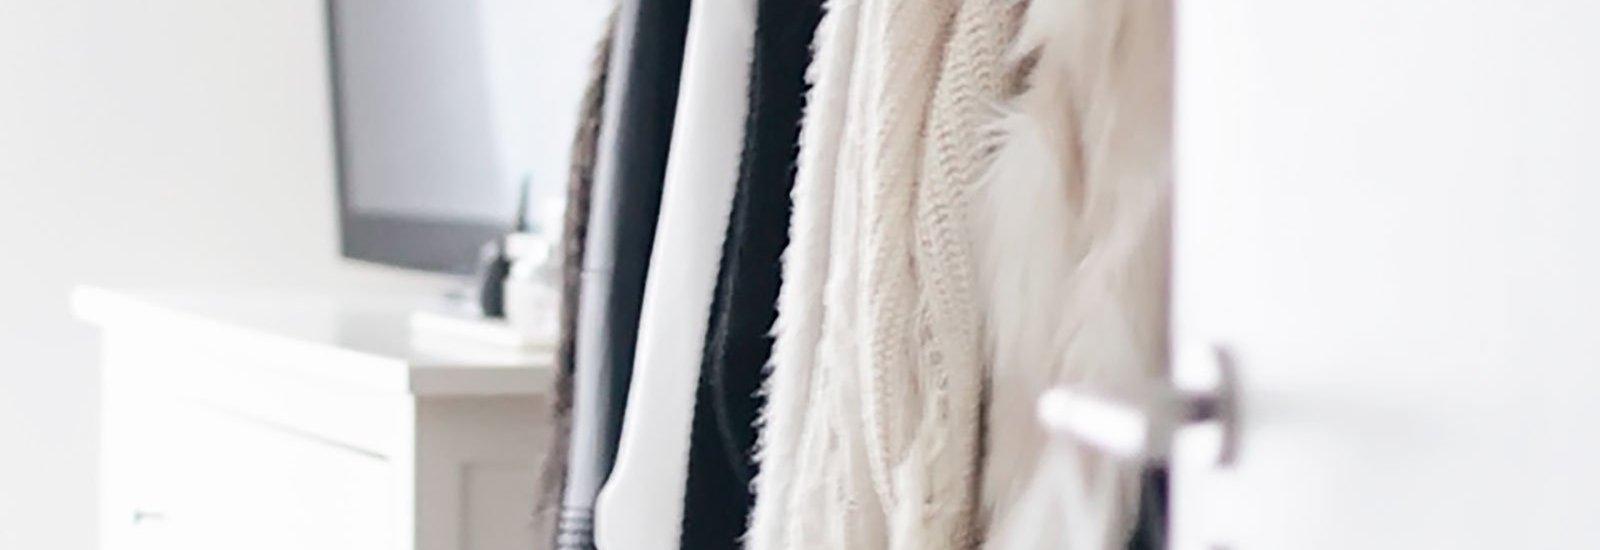 Las 5 prendas que tienes que renovar estas rebajas